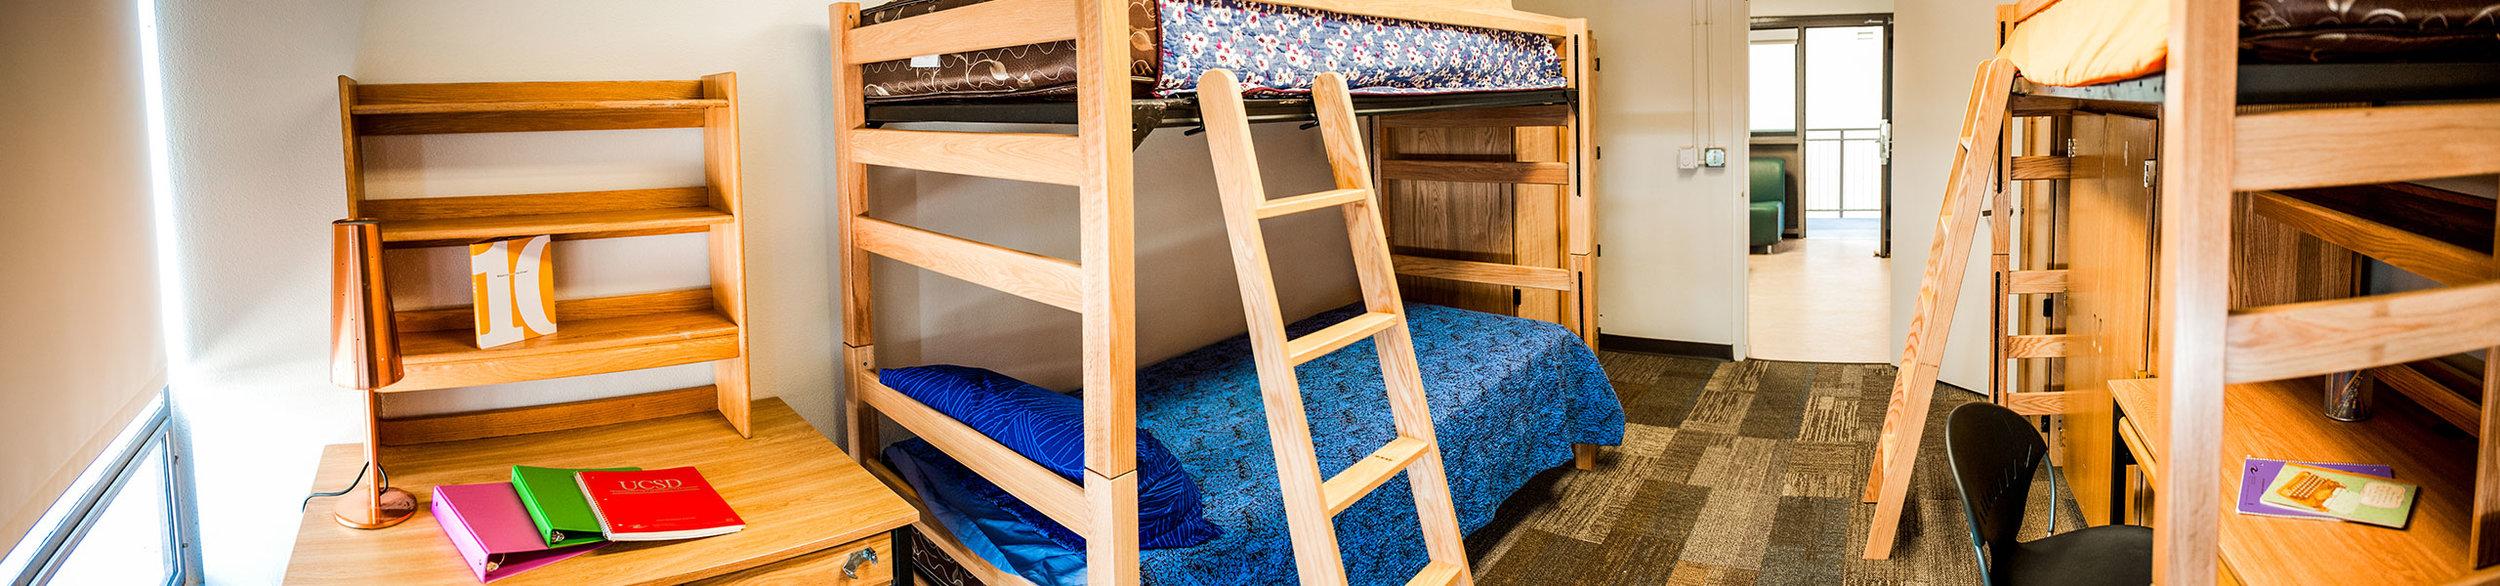 Revelle College dorm room.jpg